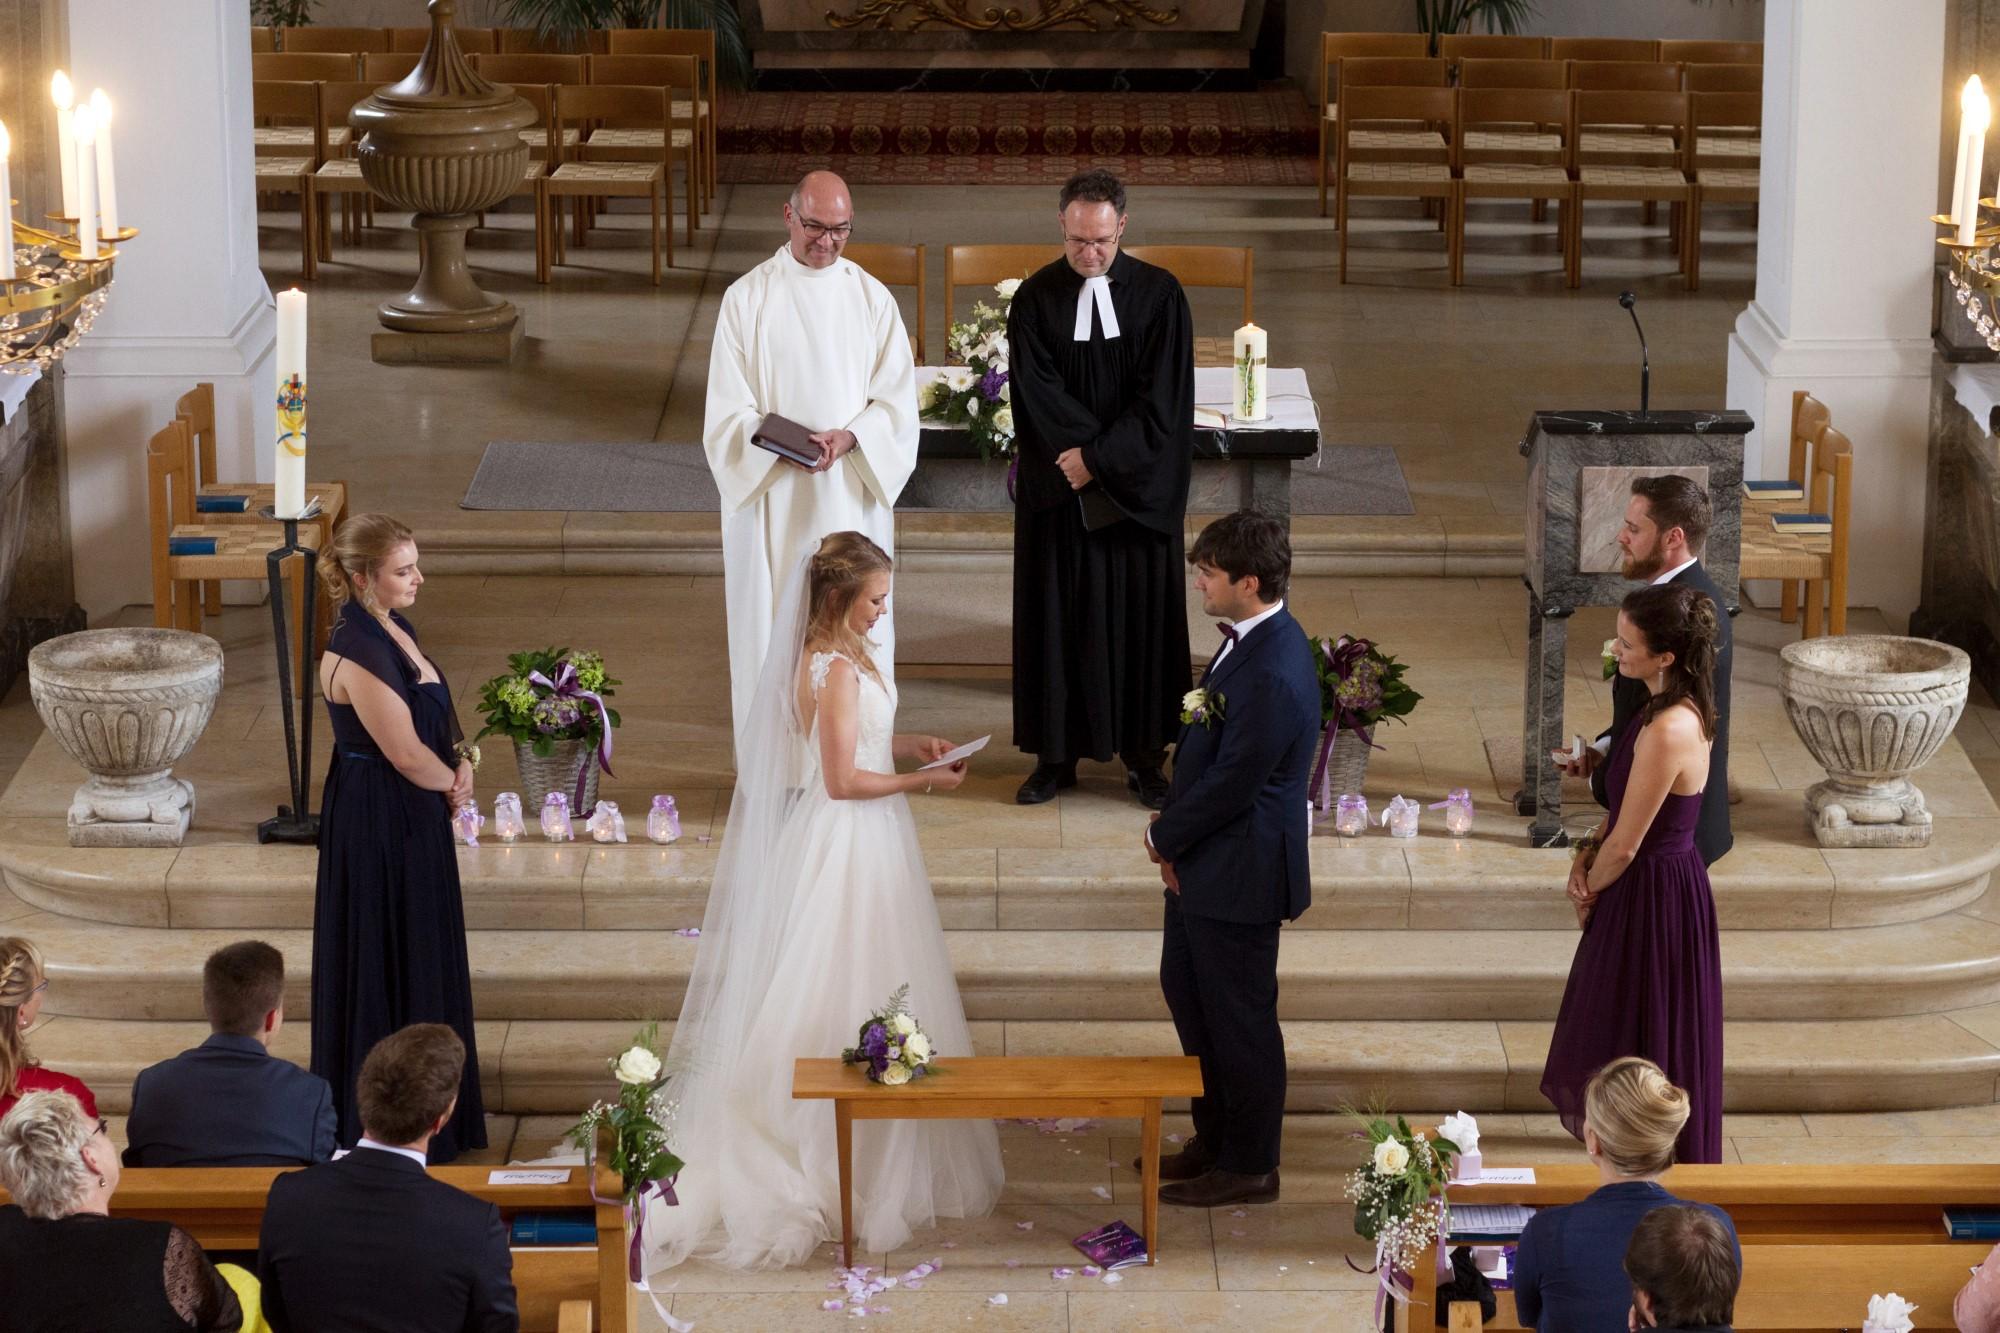 Das Eheversprechen der Braut an den Bräutigam